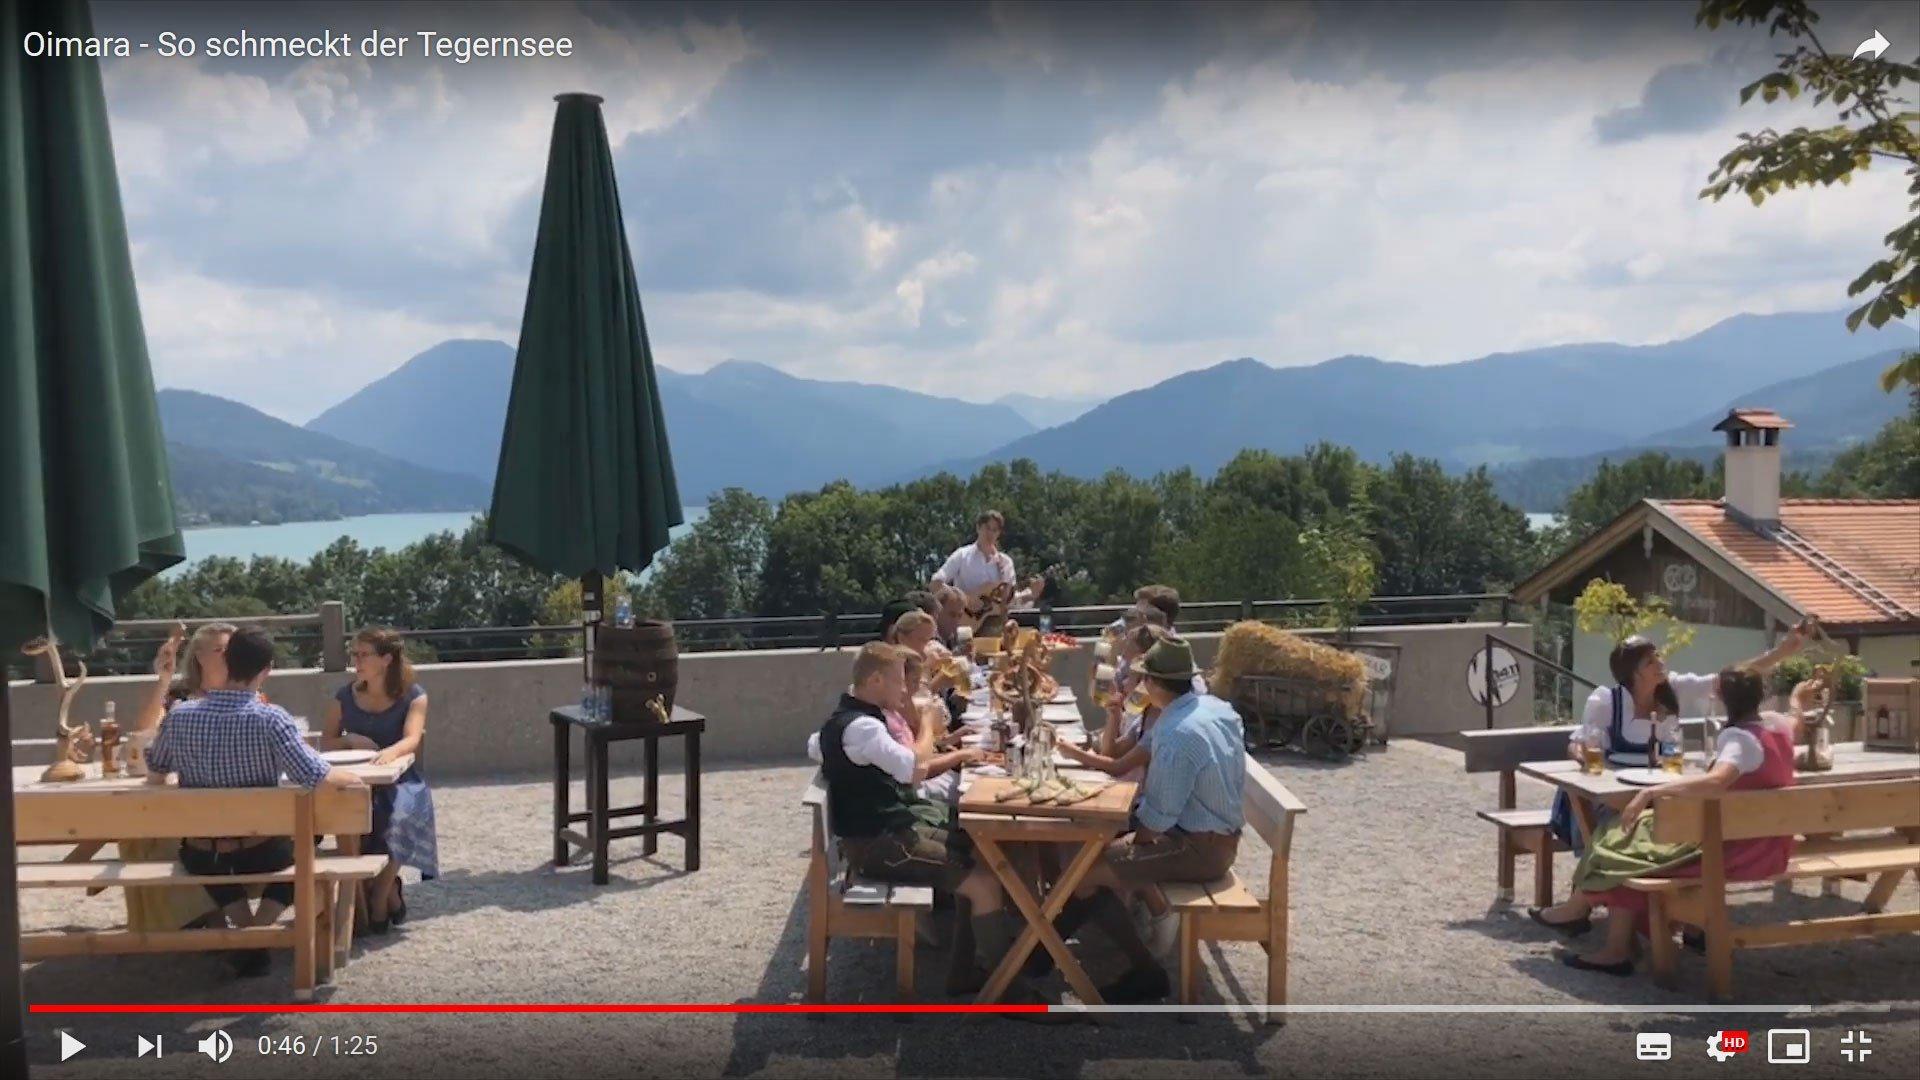 Video - So schmeckt der Tegernsee